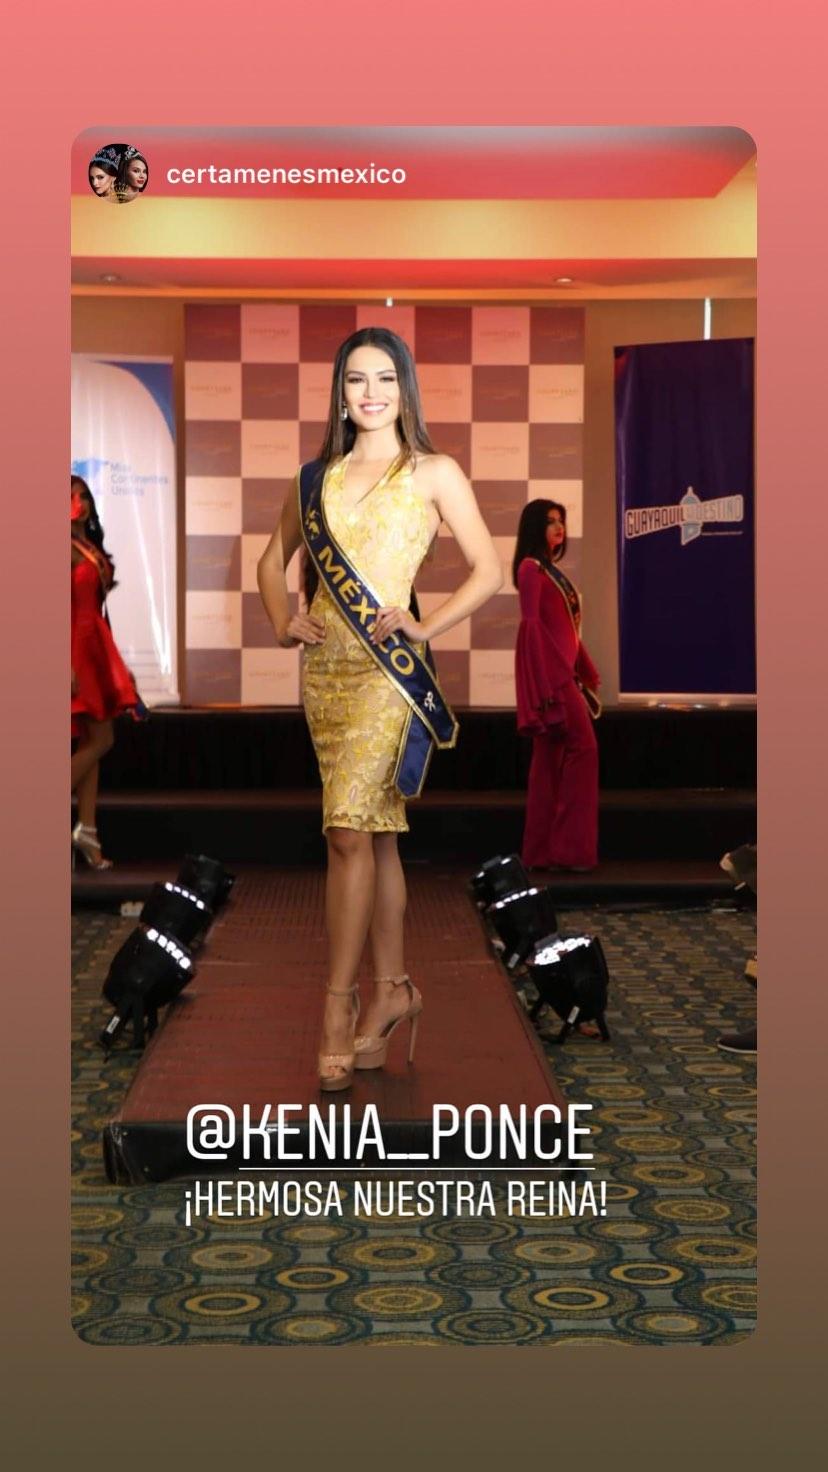 kenia ponce, segunda finalista de miss continentes unidos 2019. - Página 3 69991610